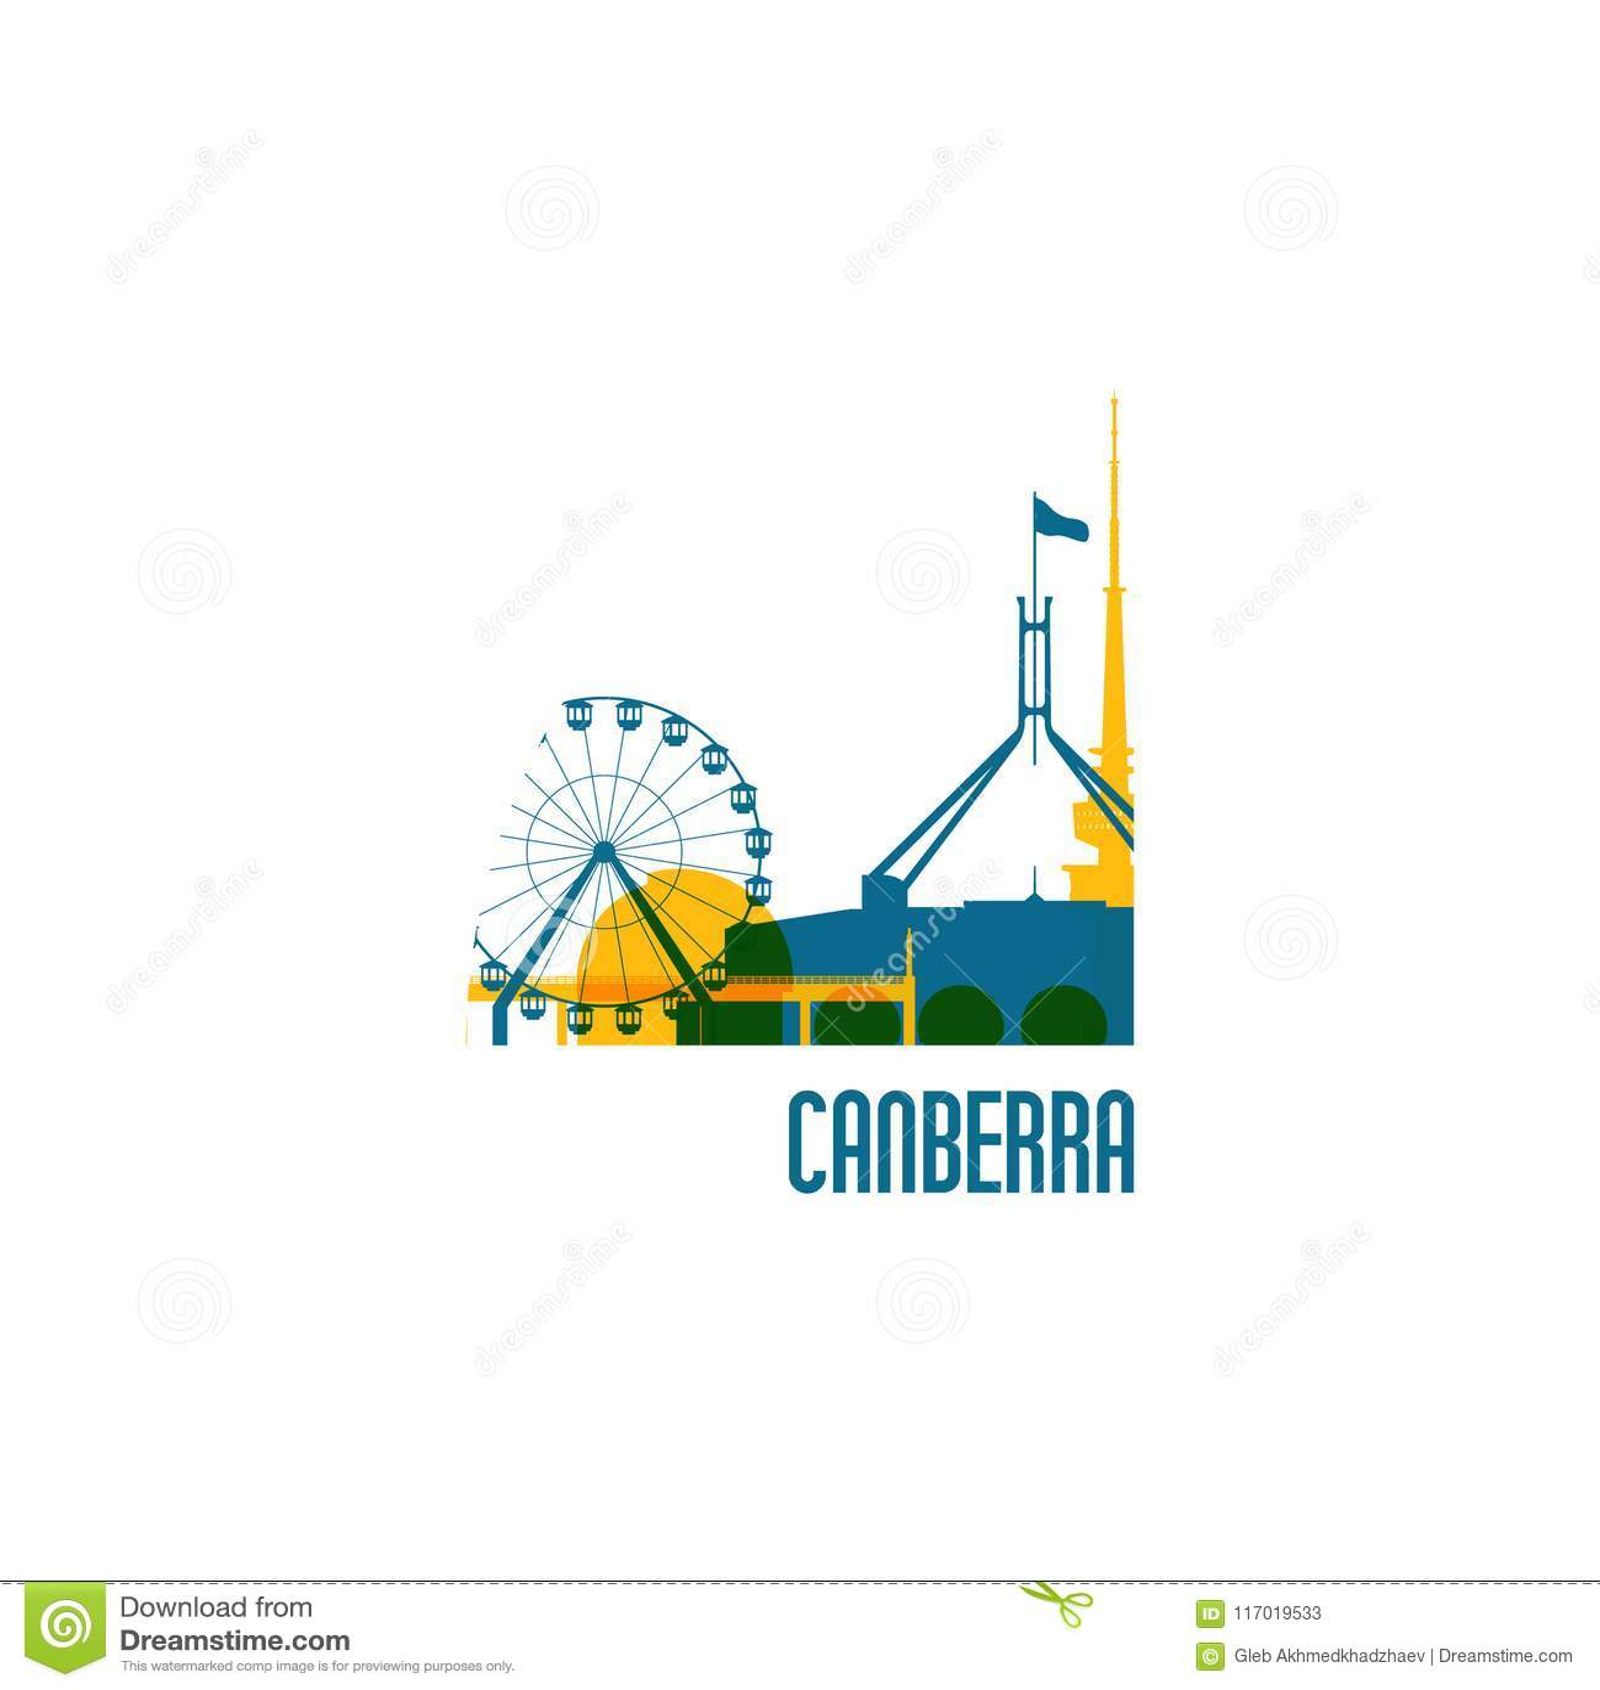 Canberra city emblem. Colorful buildings.